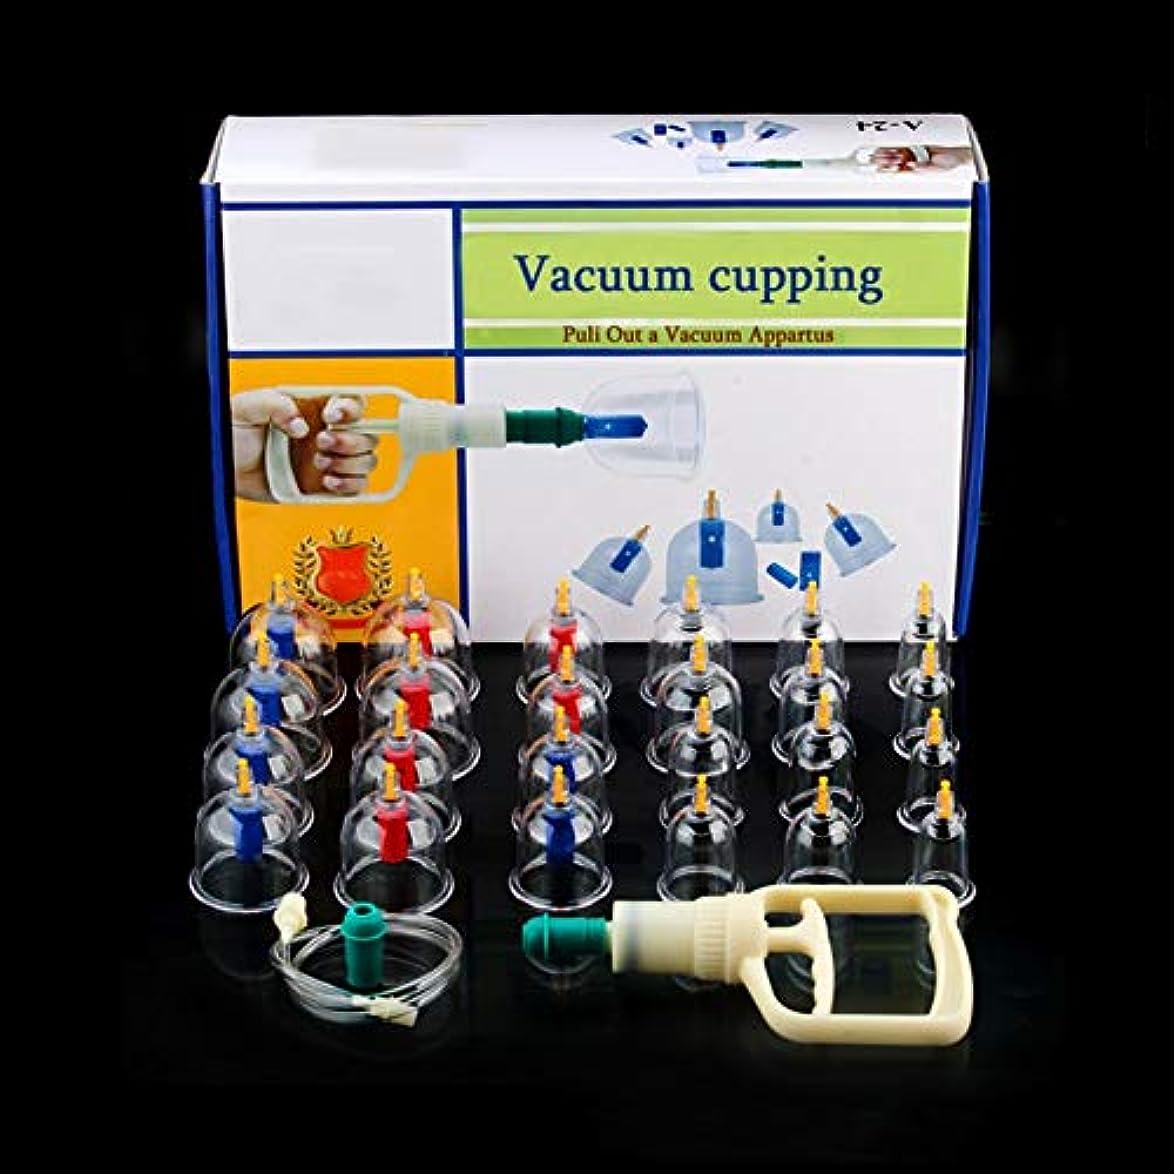 準備したスクランブル蒸留するカッピング セット プハン治療 カッピングポンプ 吸引器カッピング用カップ、シリコン、筋肉、関節痛、セルライト用真空吸引(24pcs)